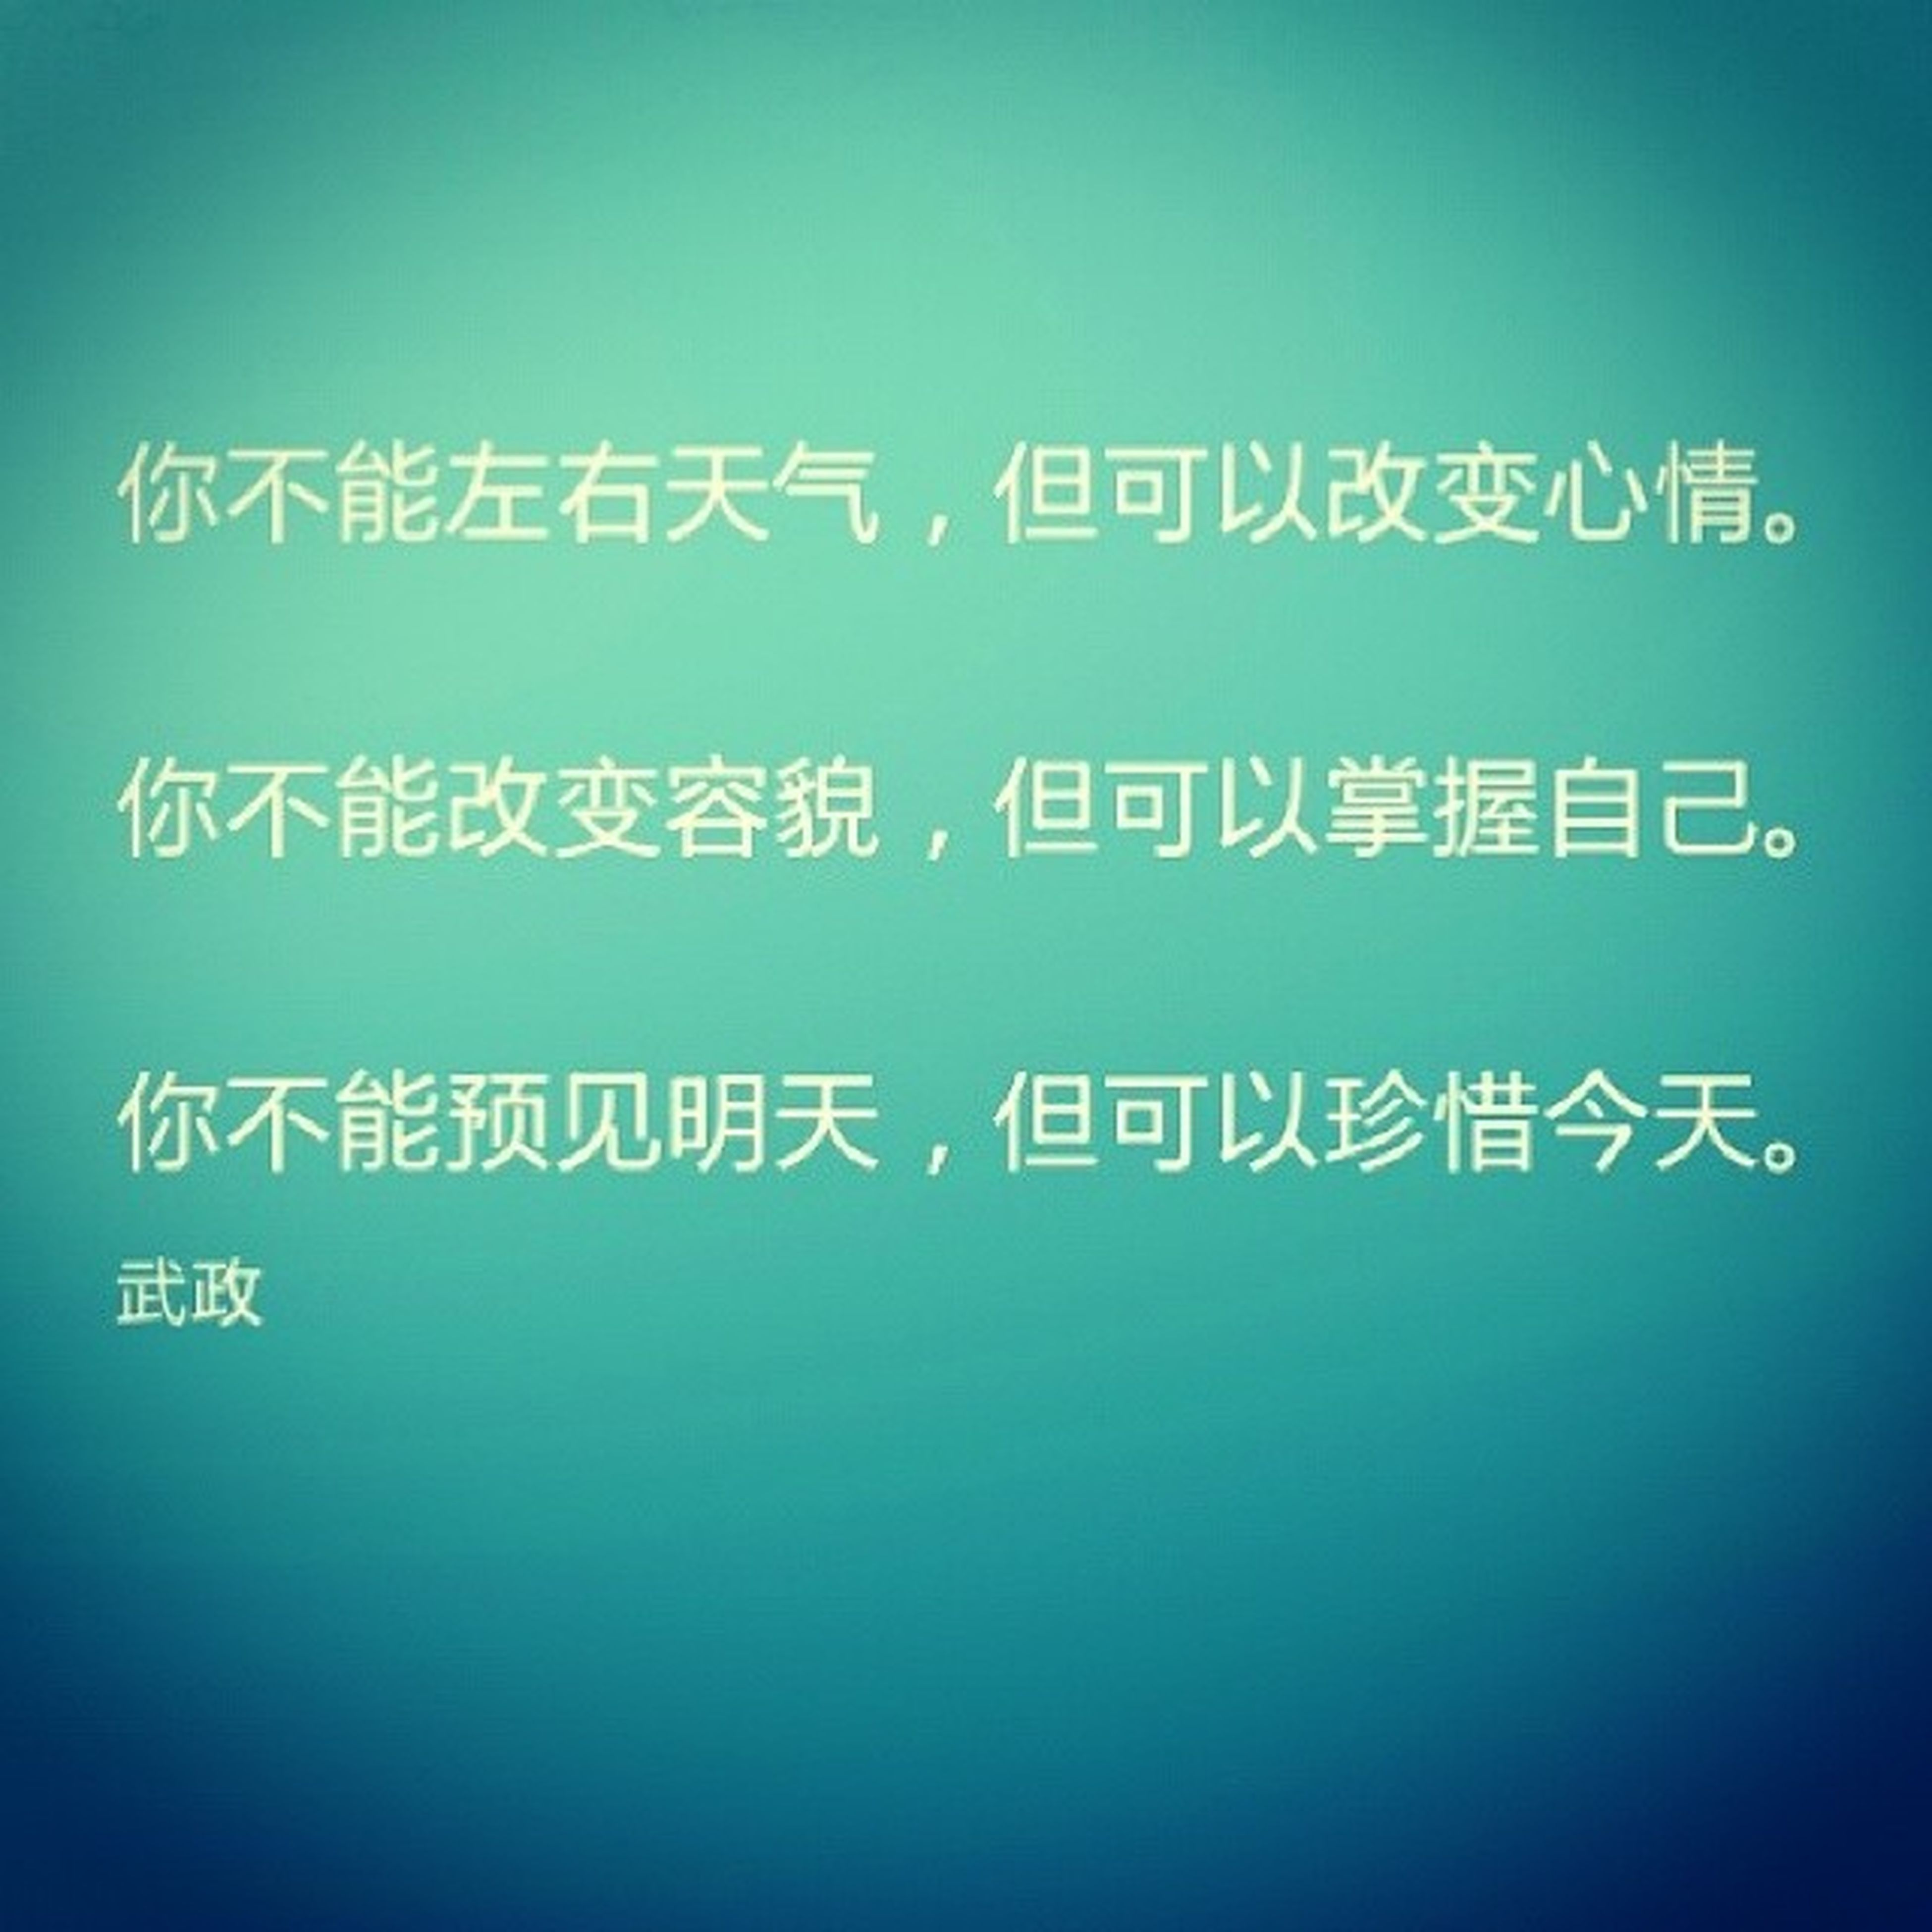 你不能左右天气但可以改变心情。 你不能改变容貌但可以掌握自己。 你不能预见明天但可以珍惜今天。 - 武政.